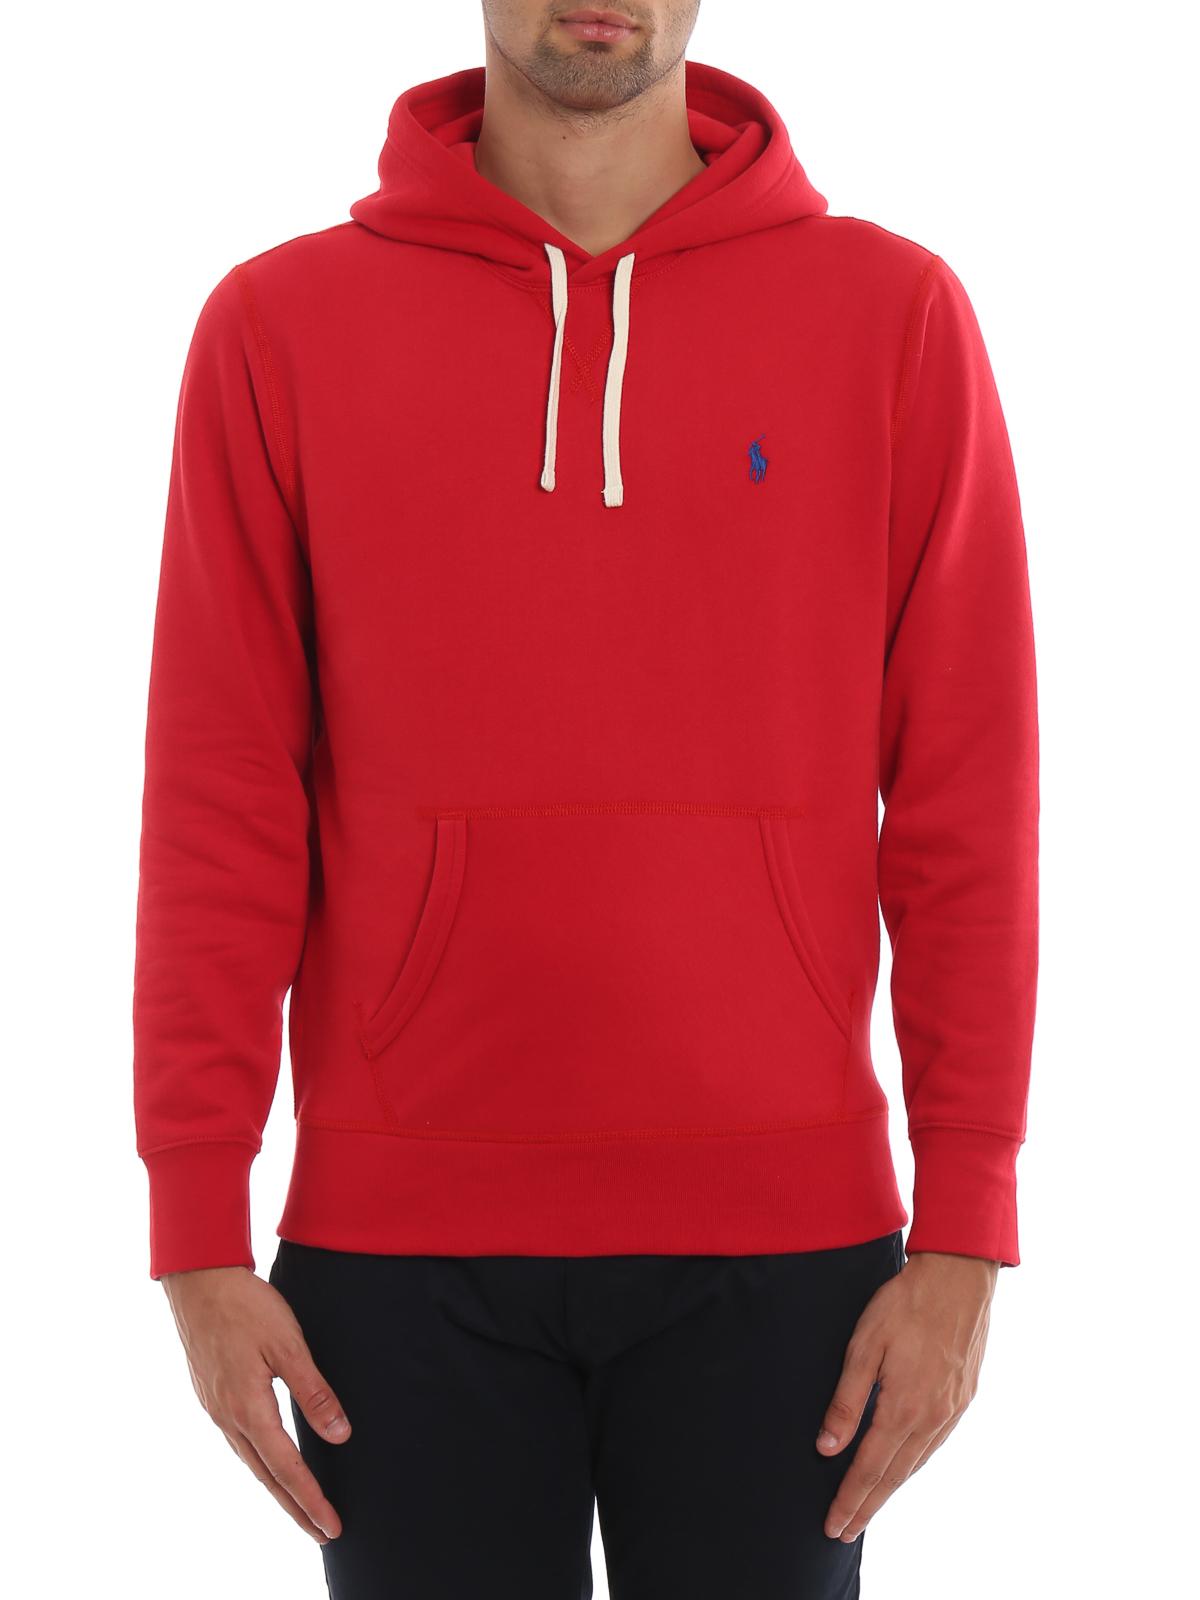 hot sale online 843c0 85883 Polo Ralph Lauren - Felpa rossa in misto cotone con ...